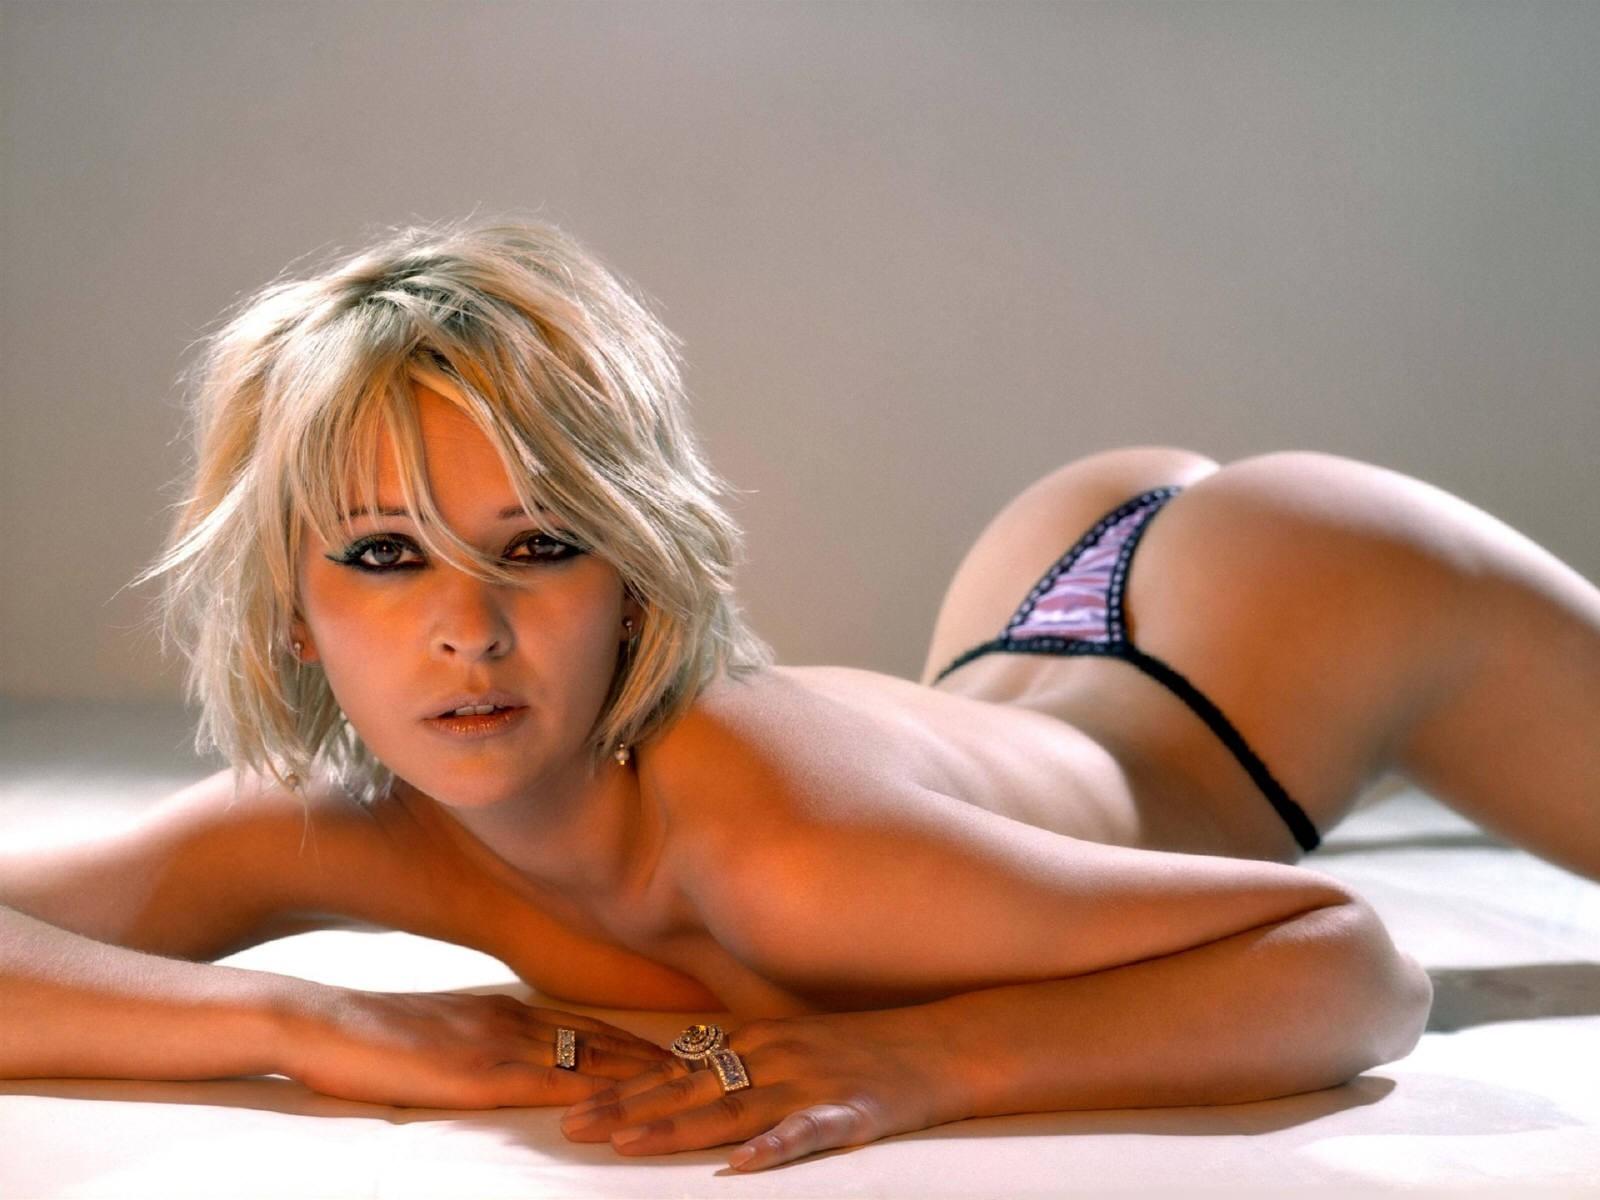 foto-seksi-dev-super-zalil-grudastuyu-blondinku